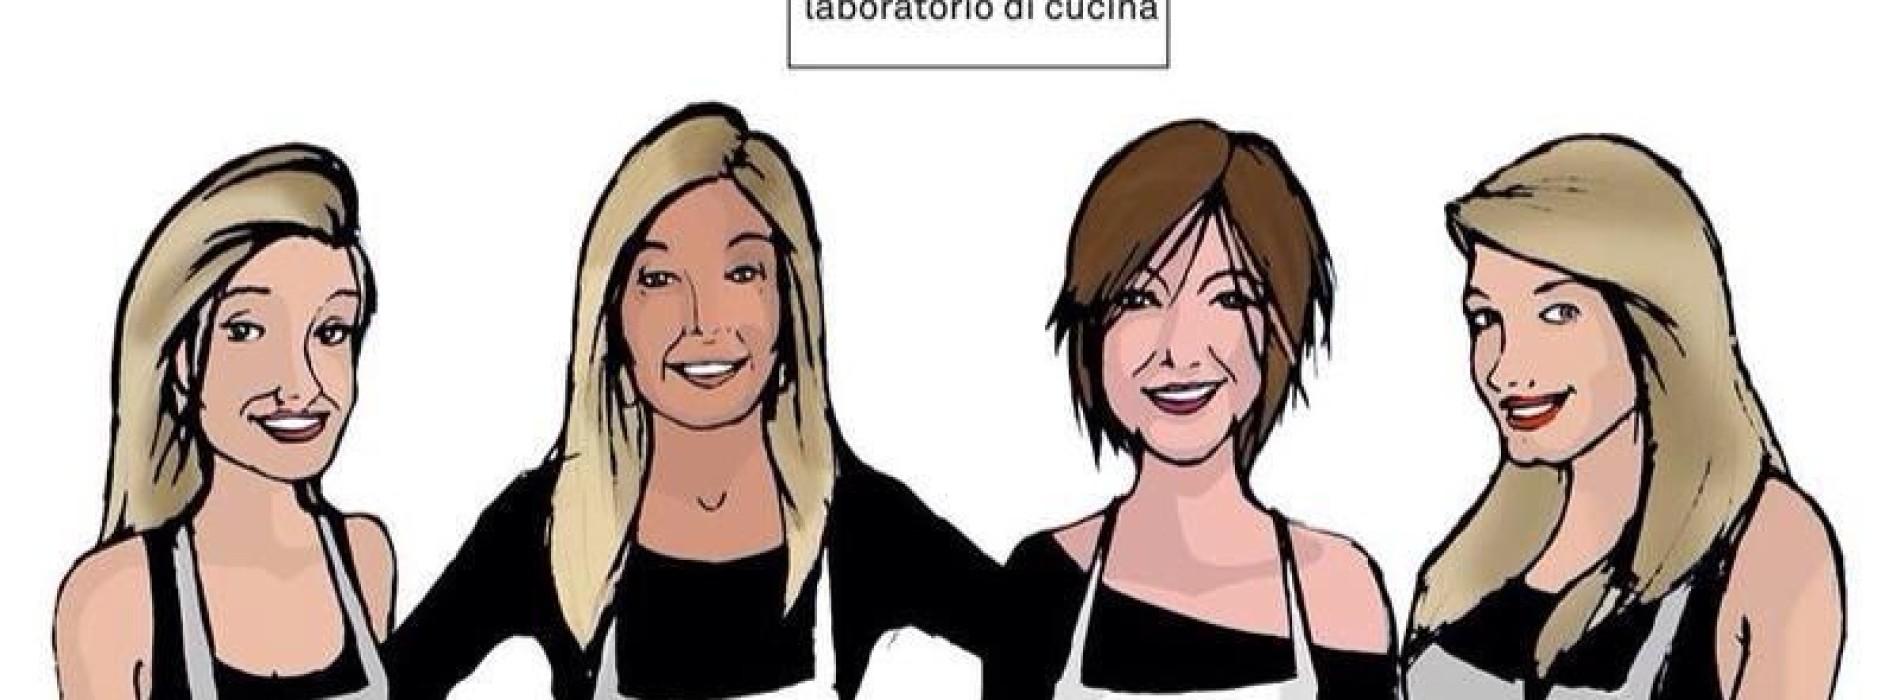 Pianostrada a Roma, apre a Trastevere il laboratorio di cucina con  street food di qualità